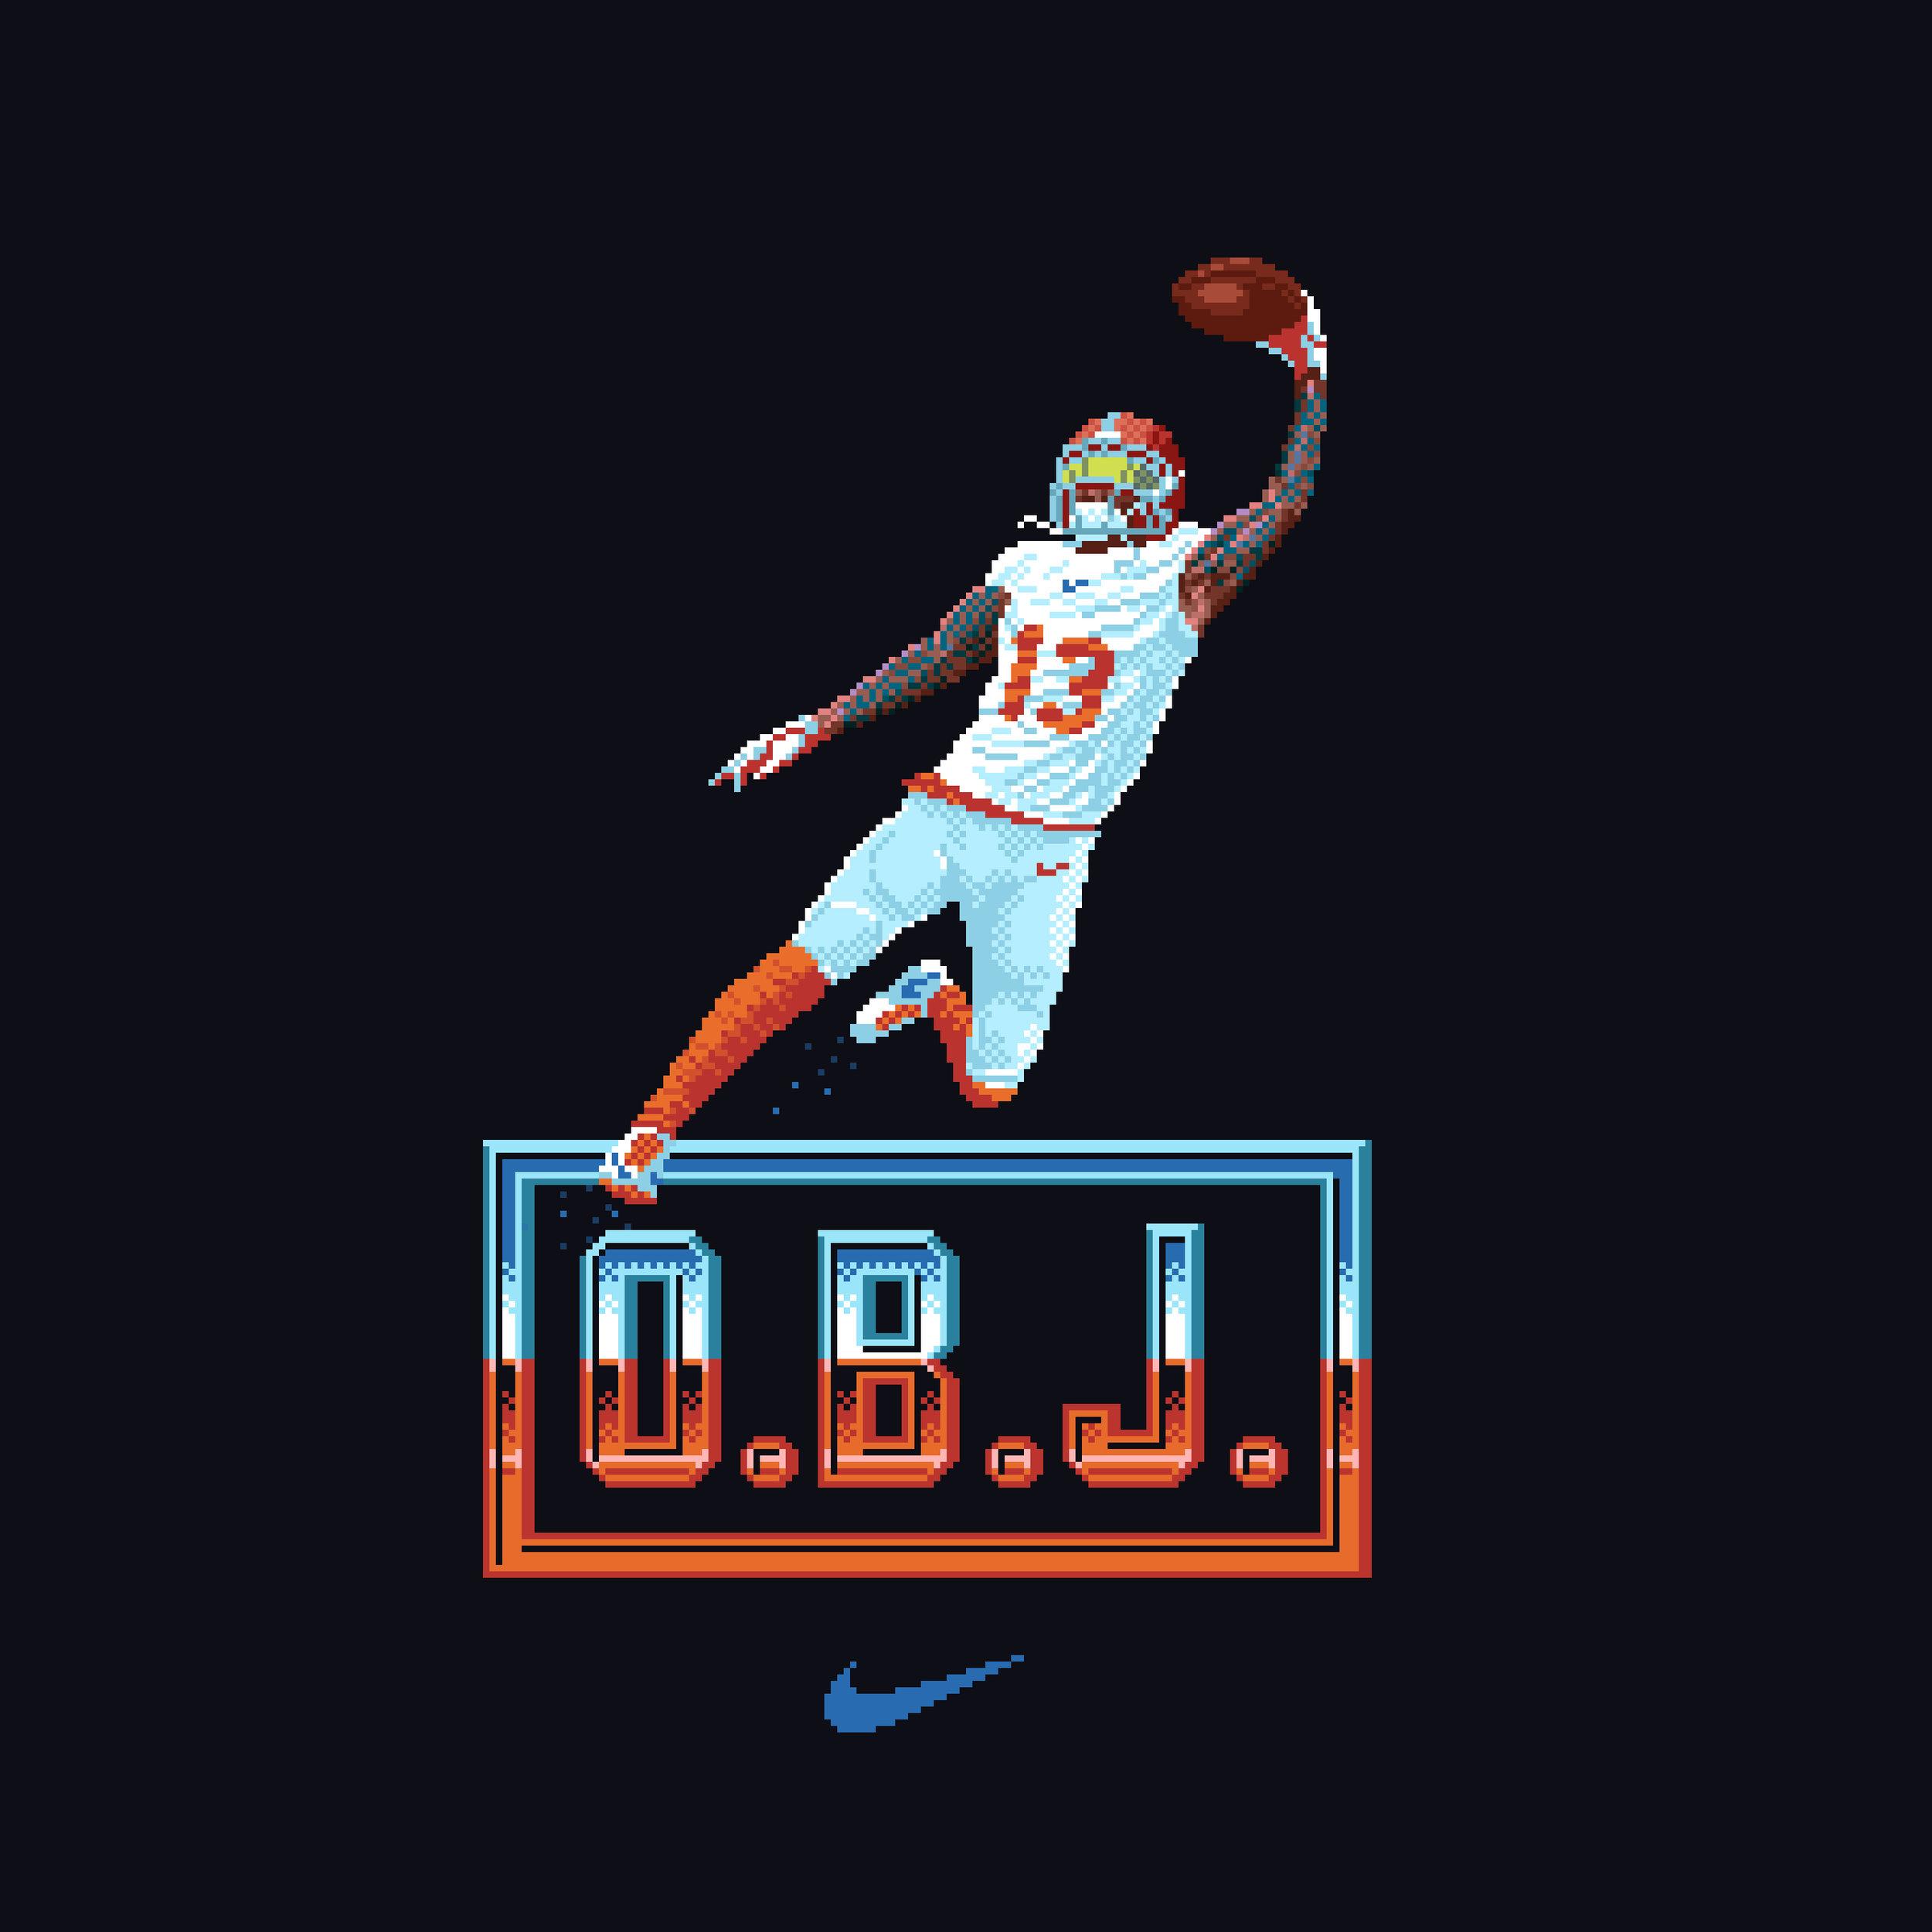 Odell Beckham Jr. t-shirt design for Nike (2018)